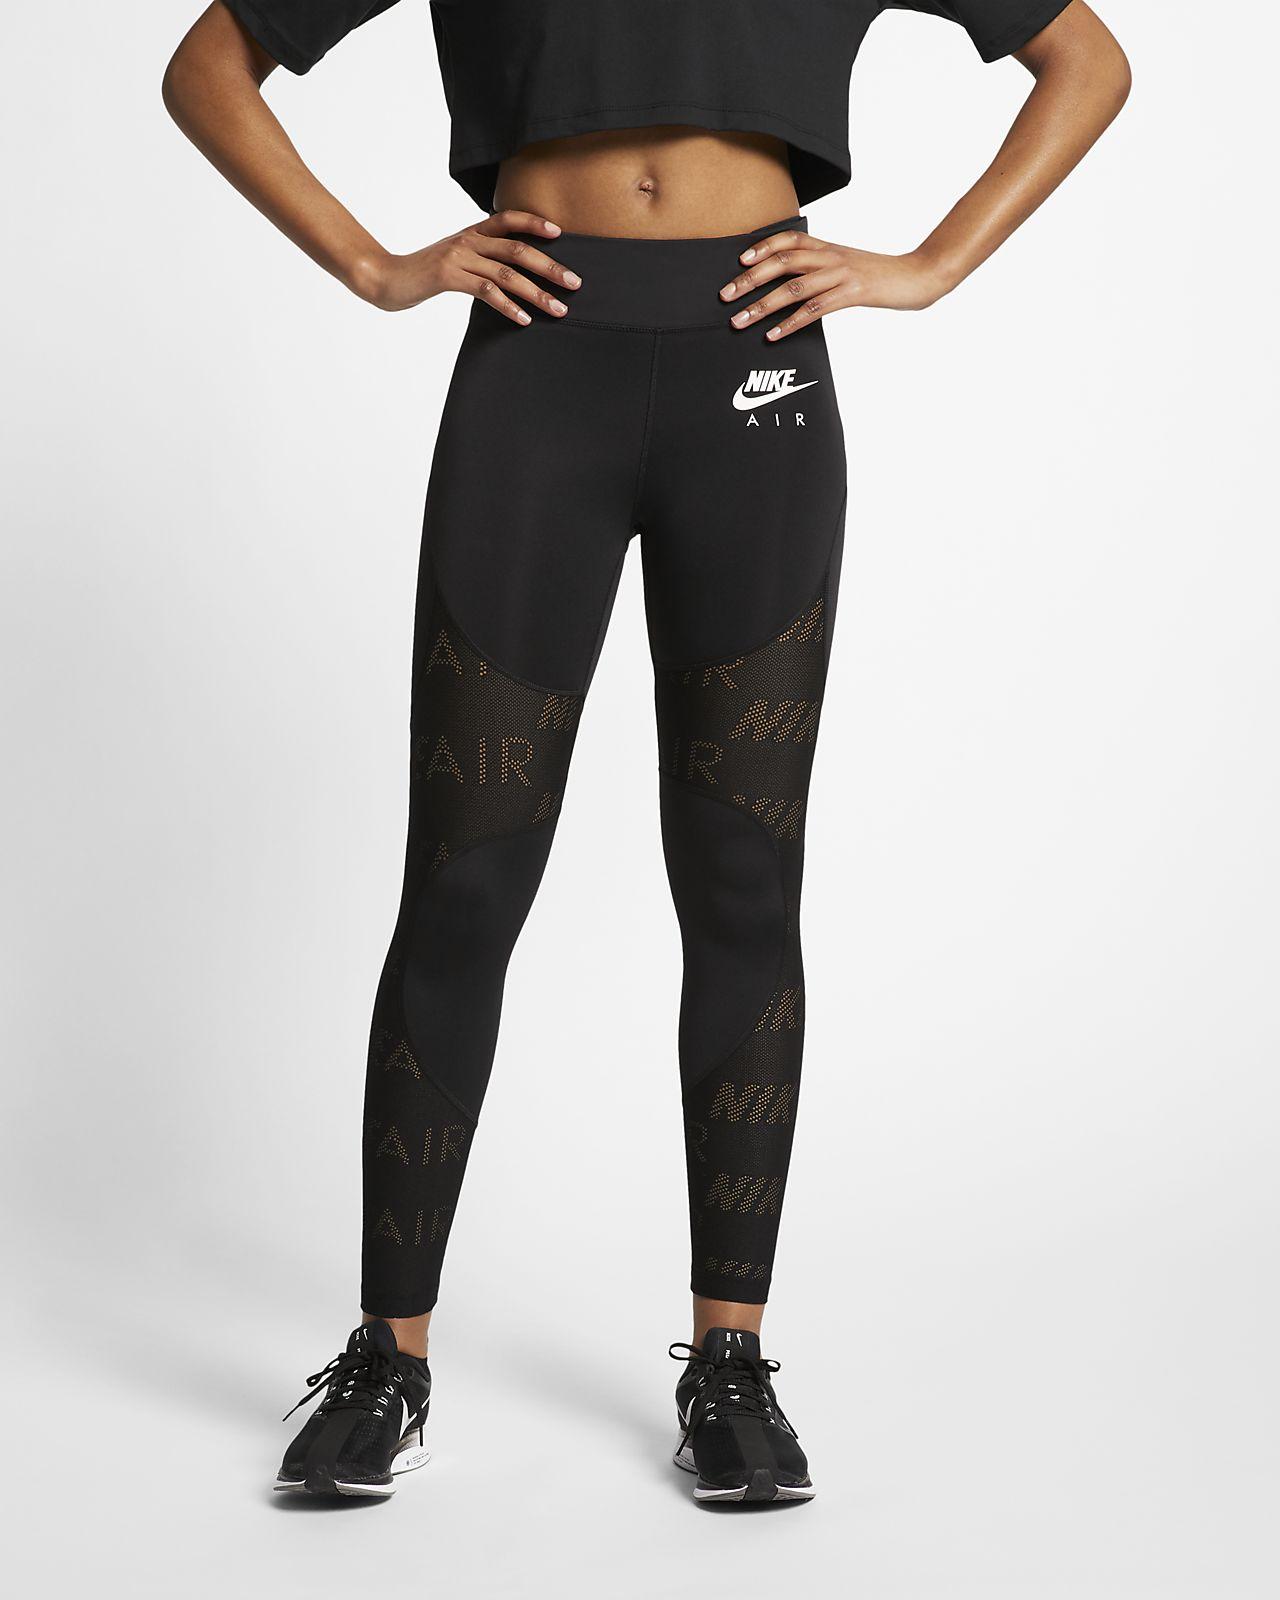 Löpartights Nike Air Fast i 7/8-längd för kvinnor